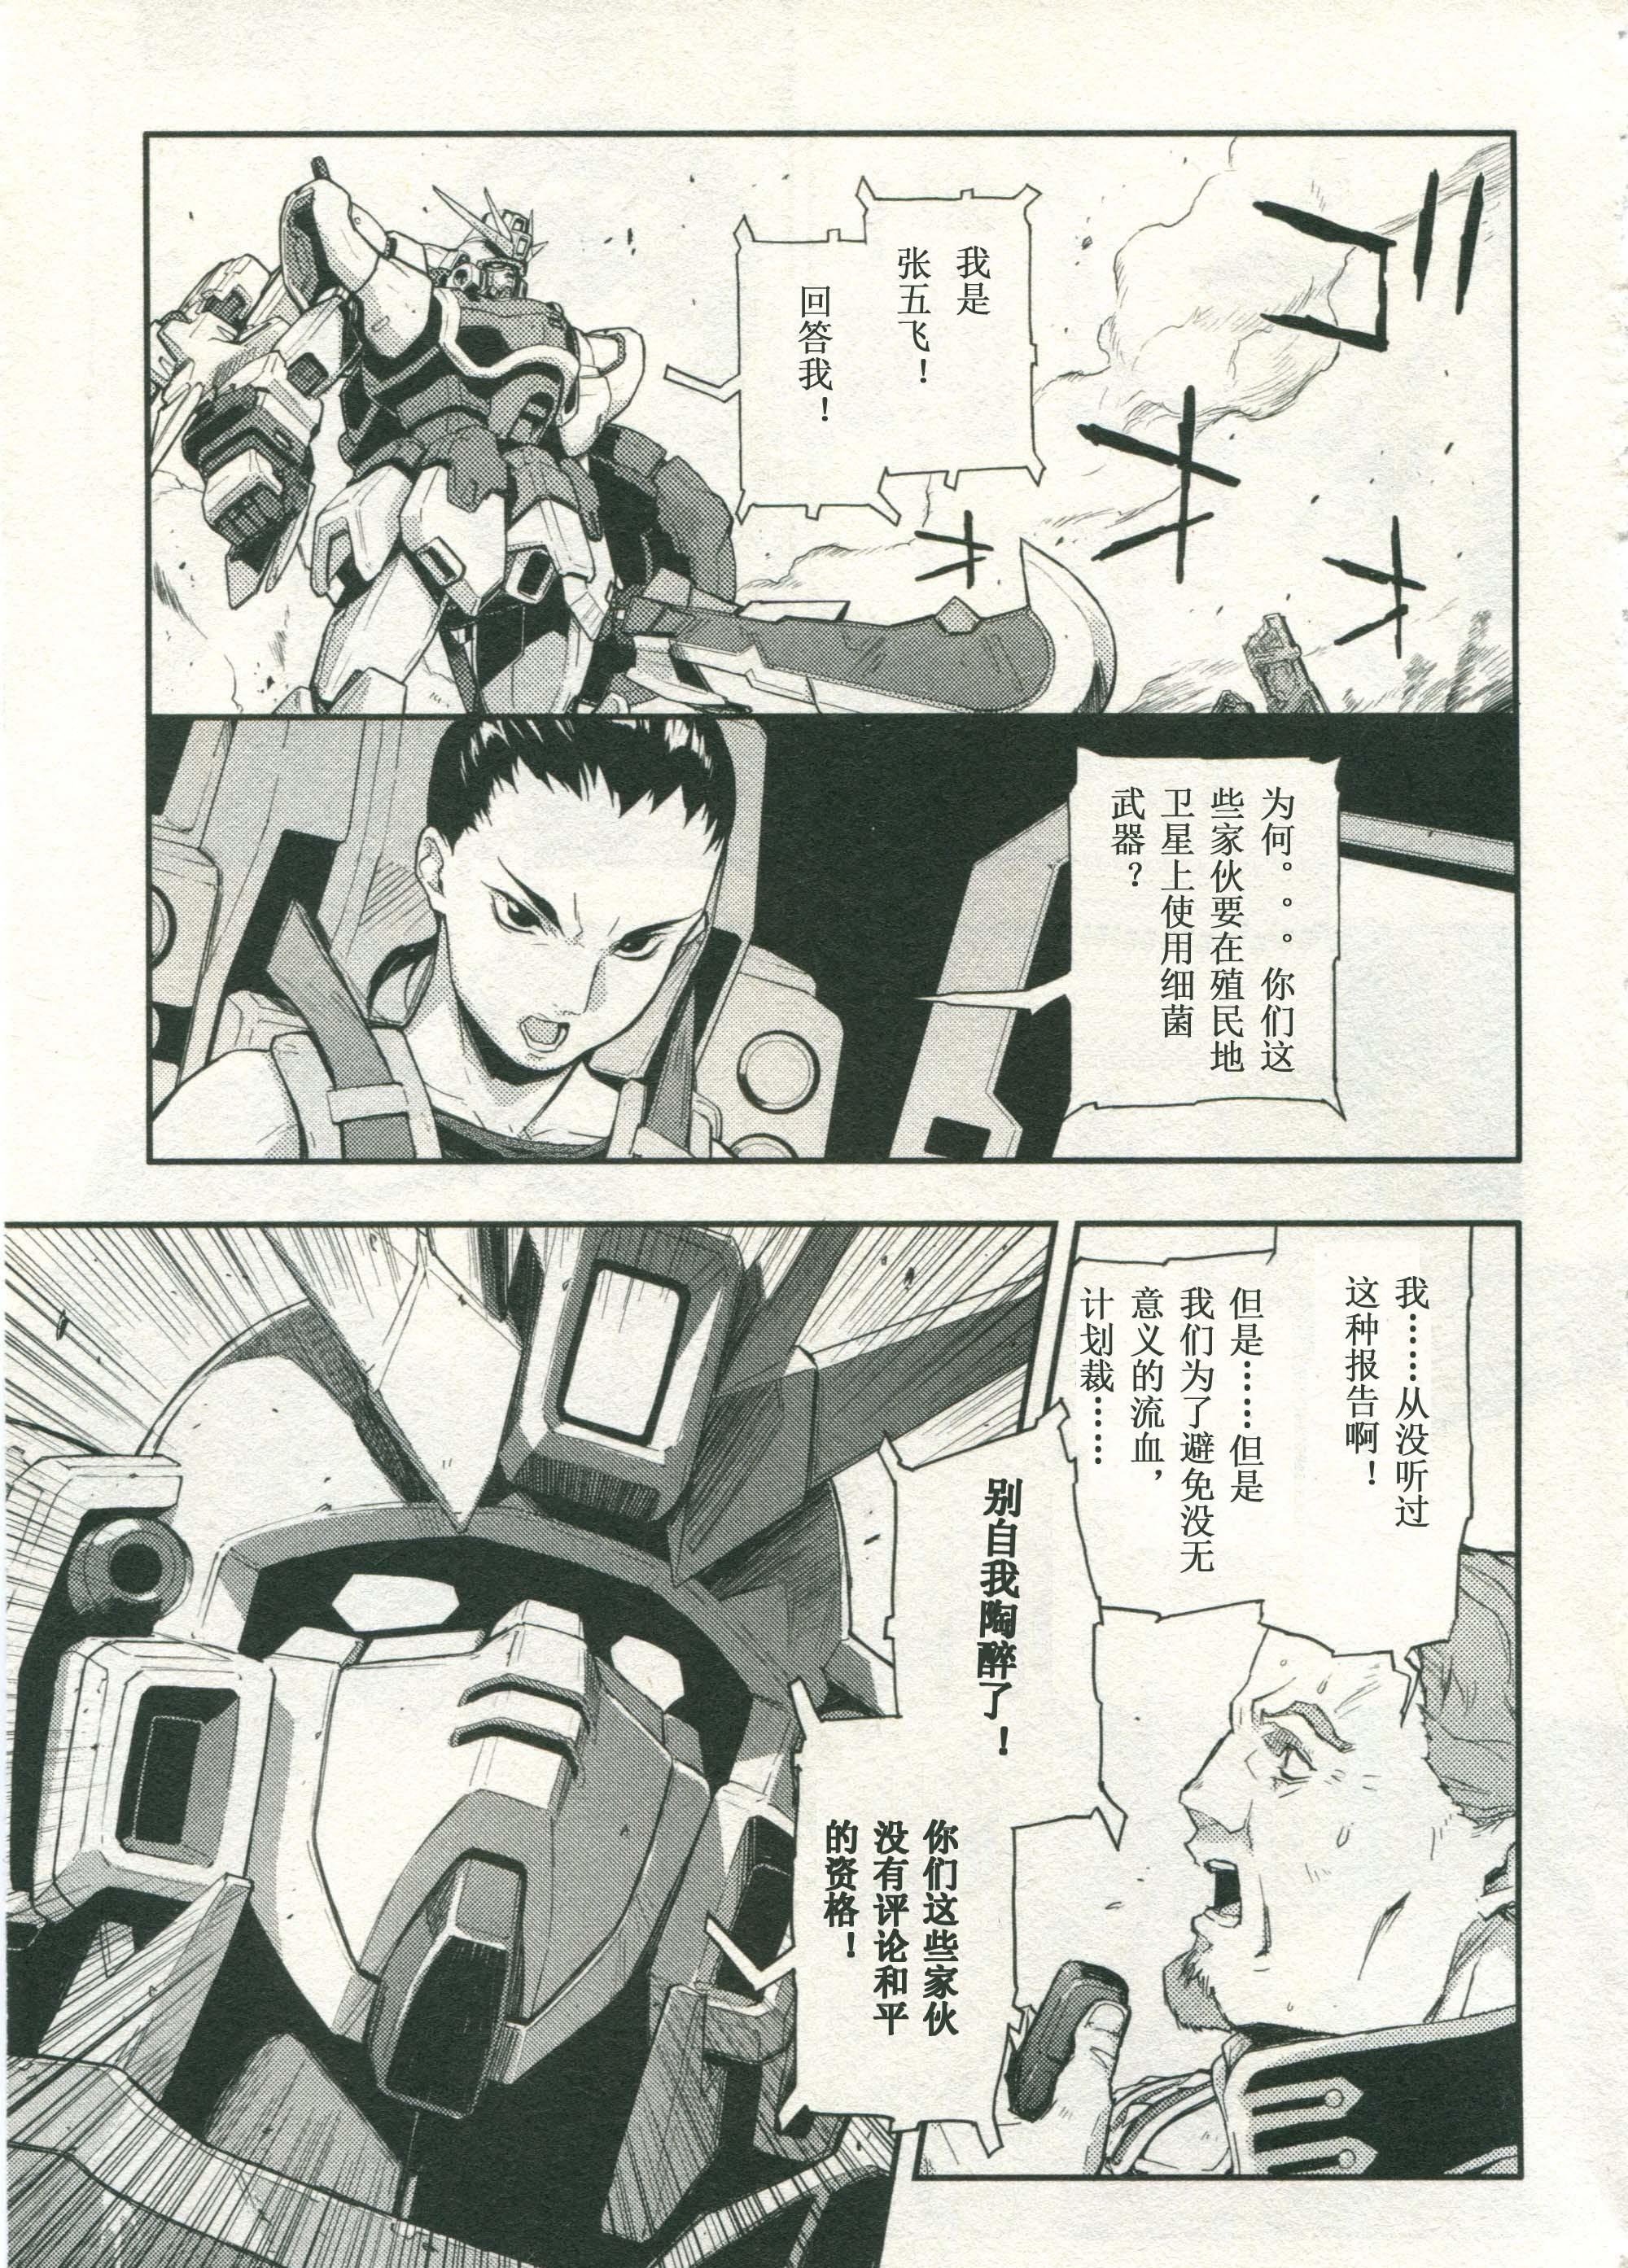 败者们的荣光37 - 副本.jpg